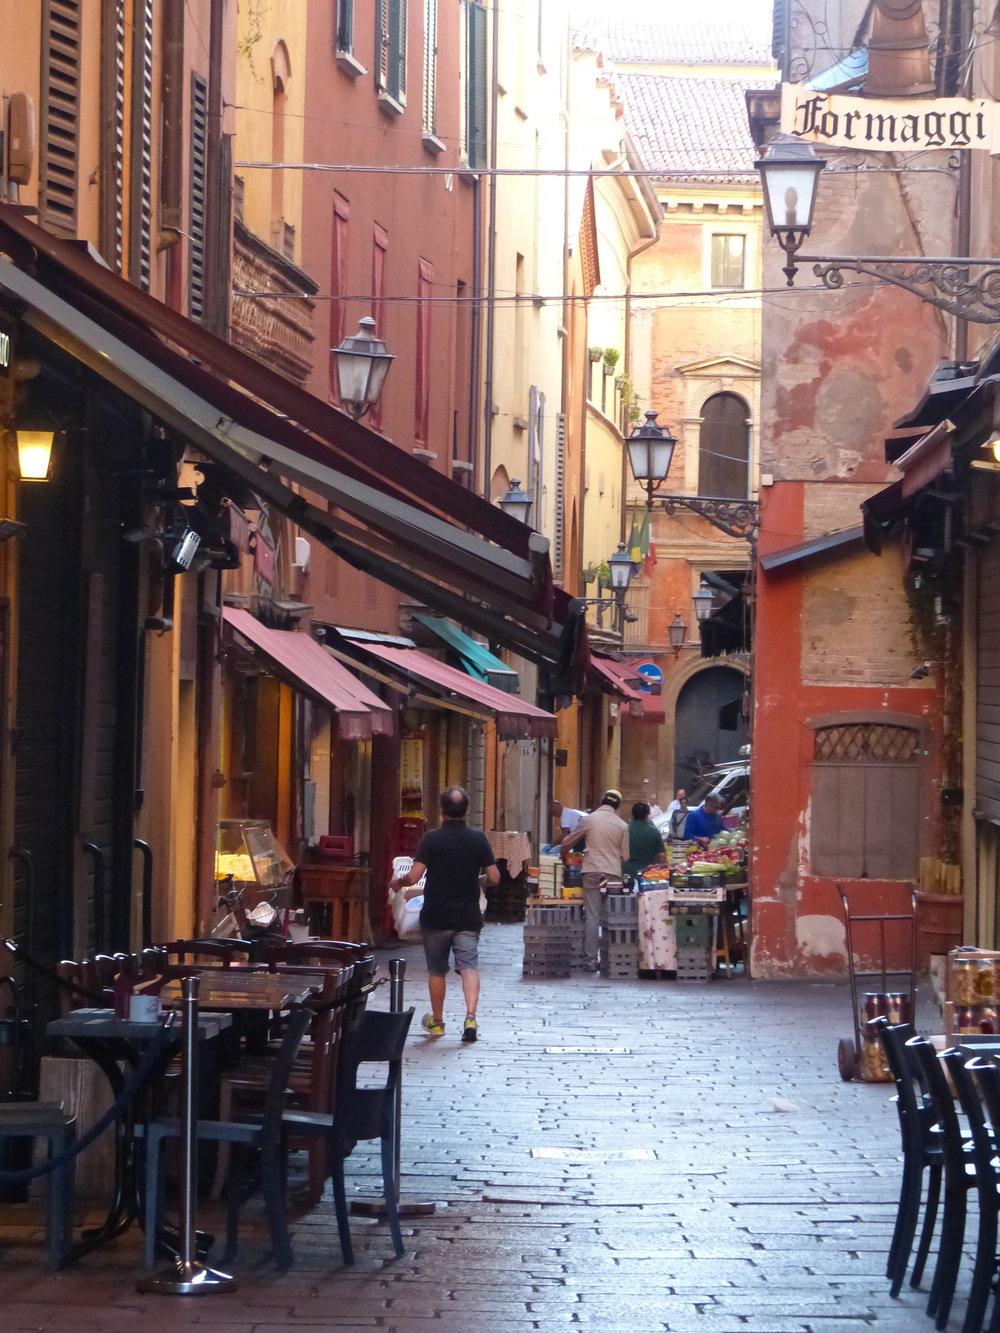 Market street in Bologna, Italy